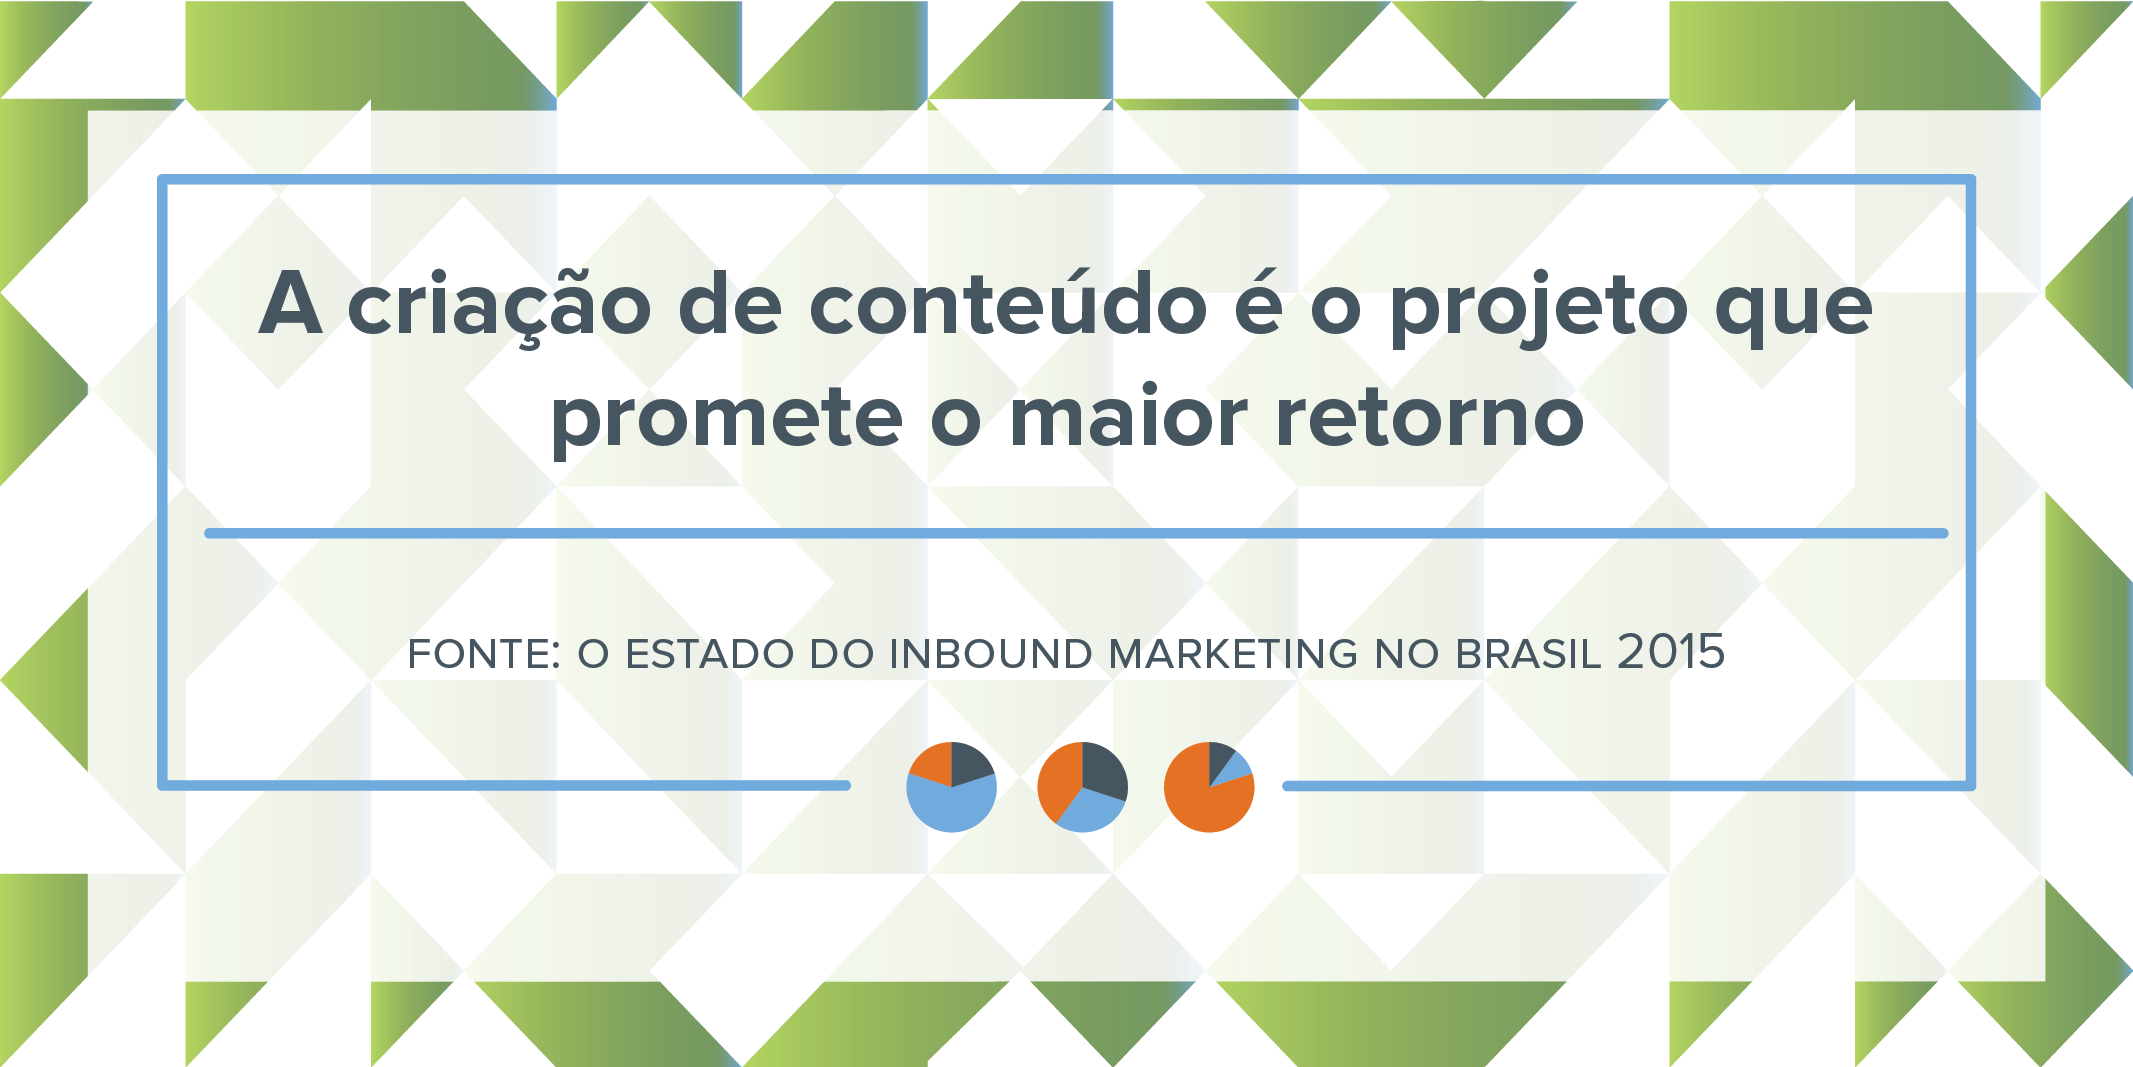 estatisticas-de-inbound-marketing-7.png